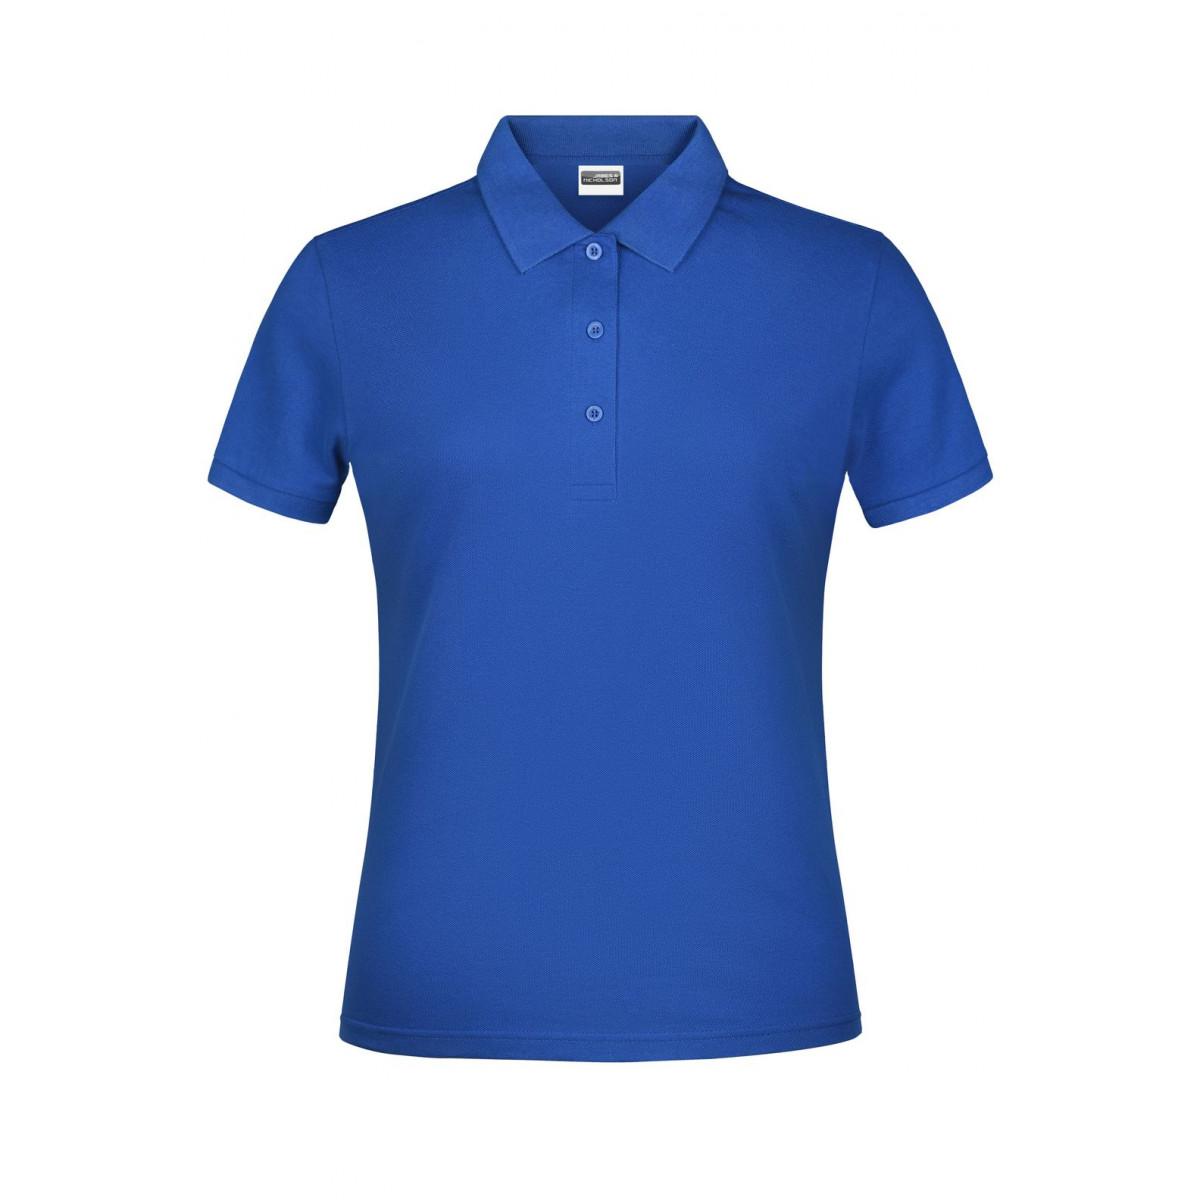 Рубашка поло женская JN791 Basic Polo Lady - Ярко-синий